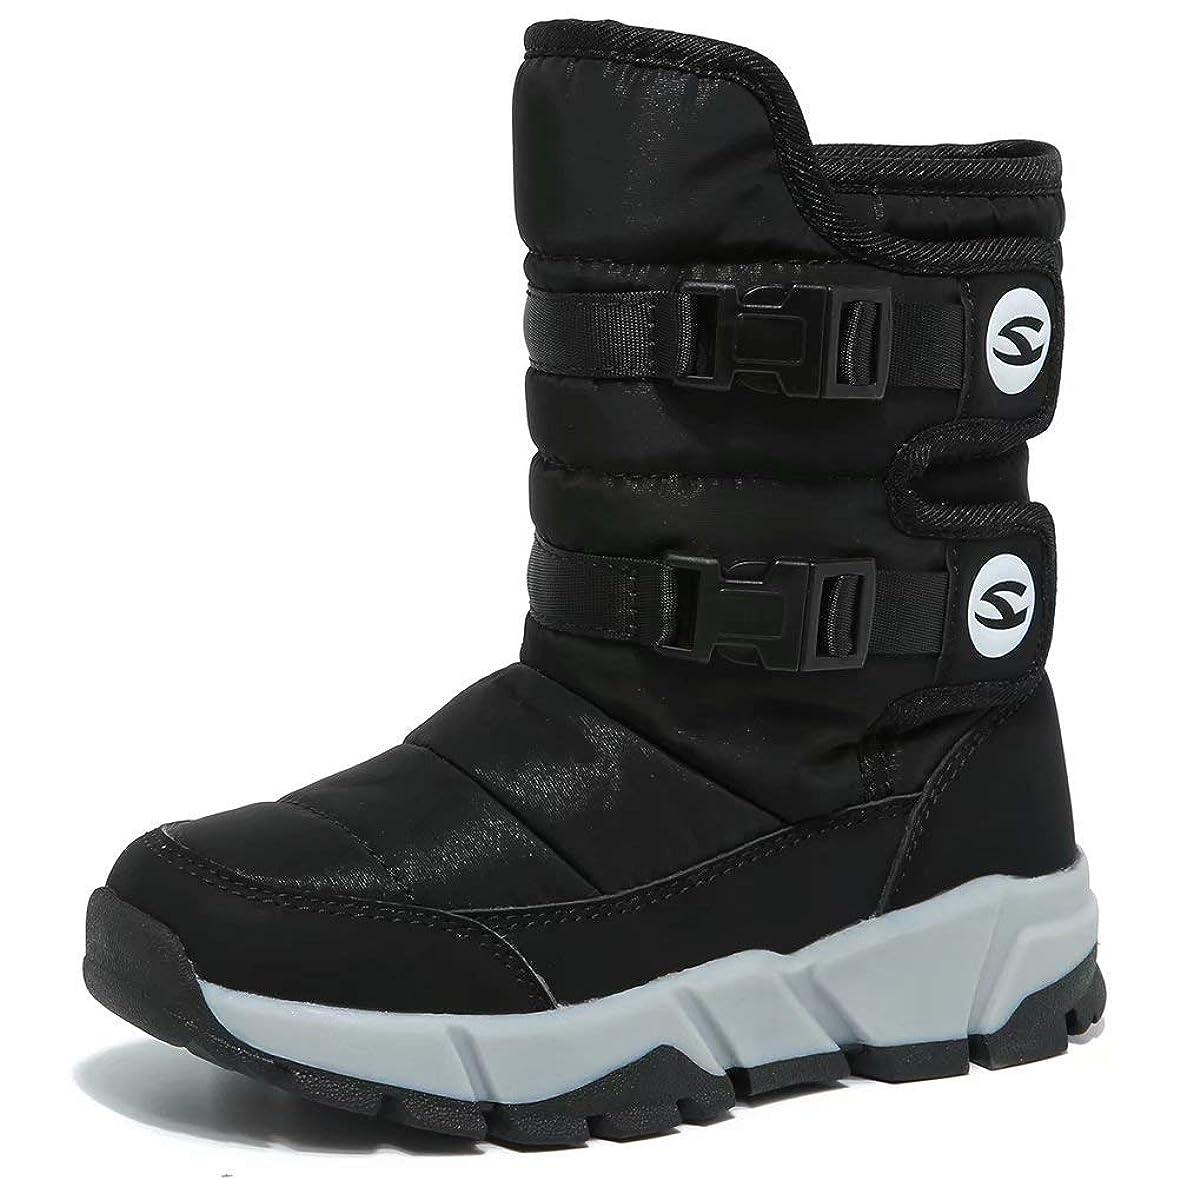 後退する毎日定規[ホビベアー] スノーブーツ キッズ ジュニア ウインターブーツ スノーシューズ 防寒靴 雪靴 冬用